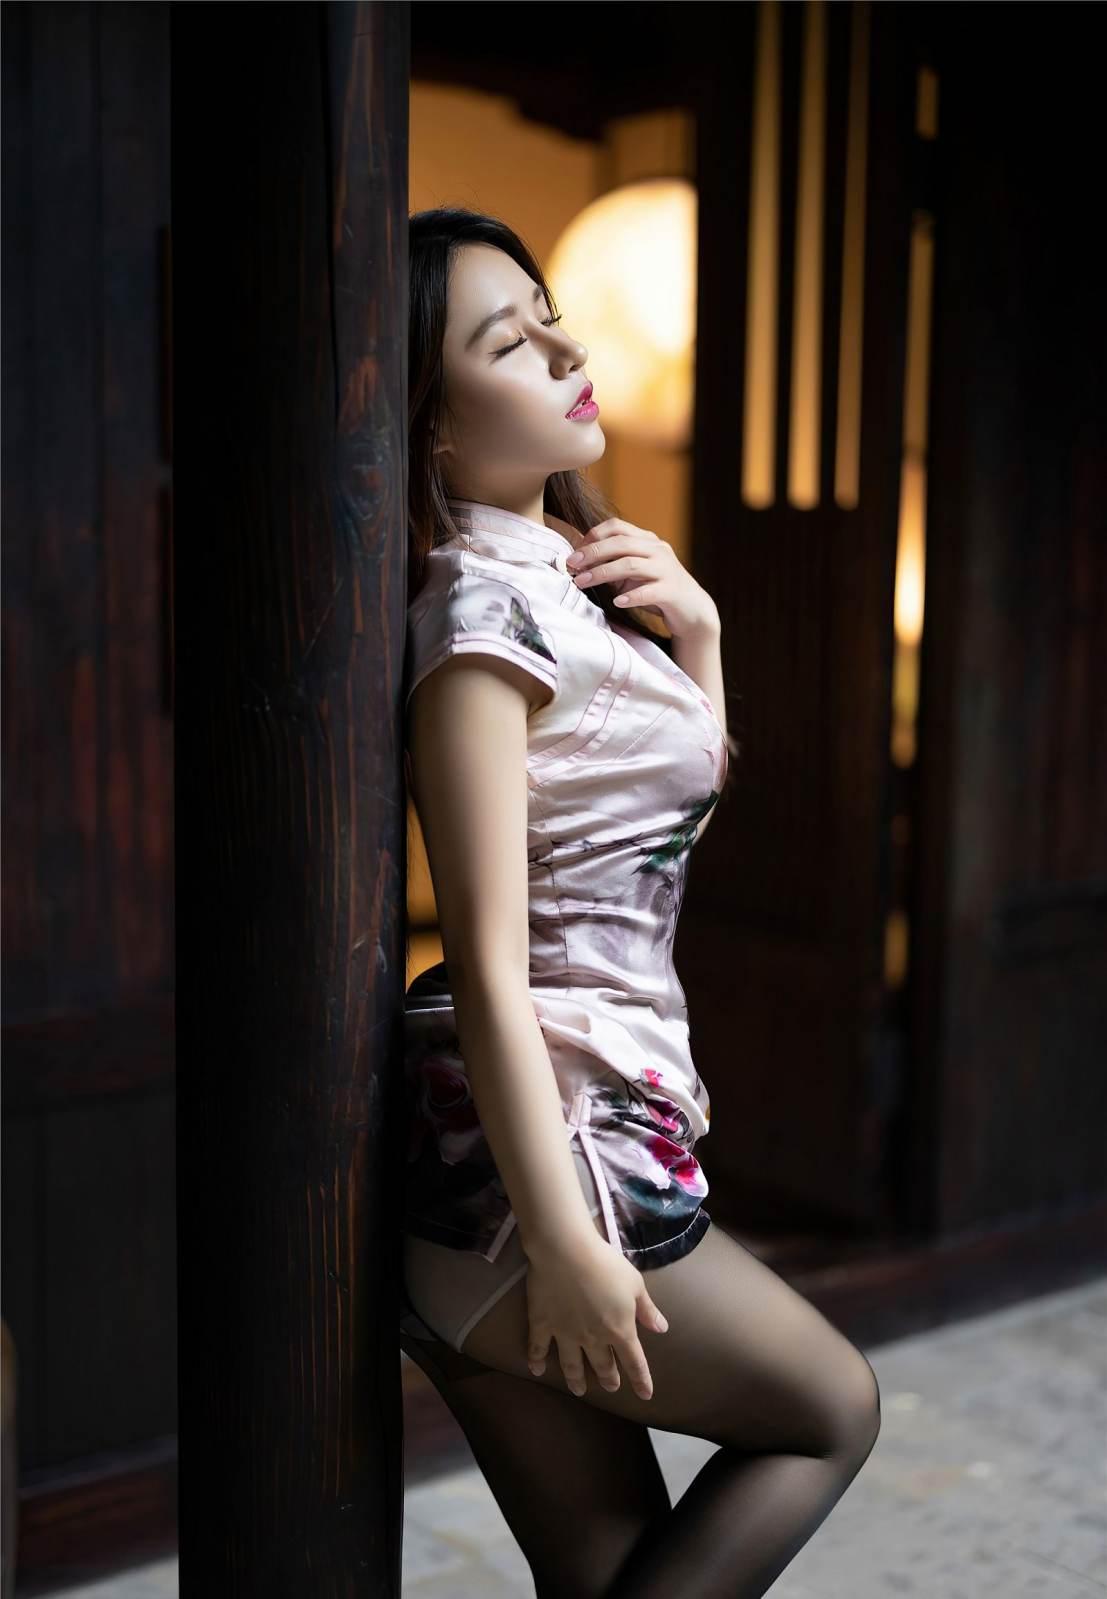 第314期回眸一笑,百媚丛生。徐安安(高跟,丝袜,旗袍,黑丝,丝足,裸足)_图片7